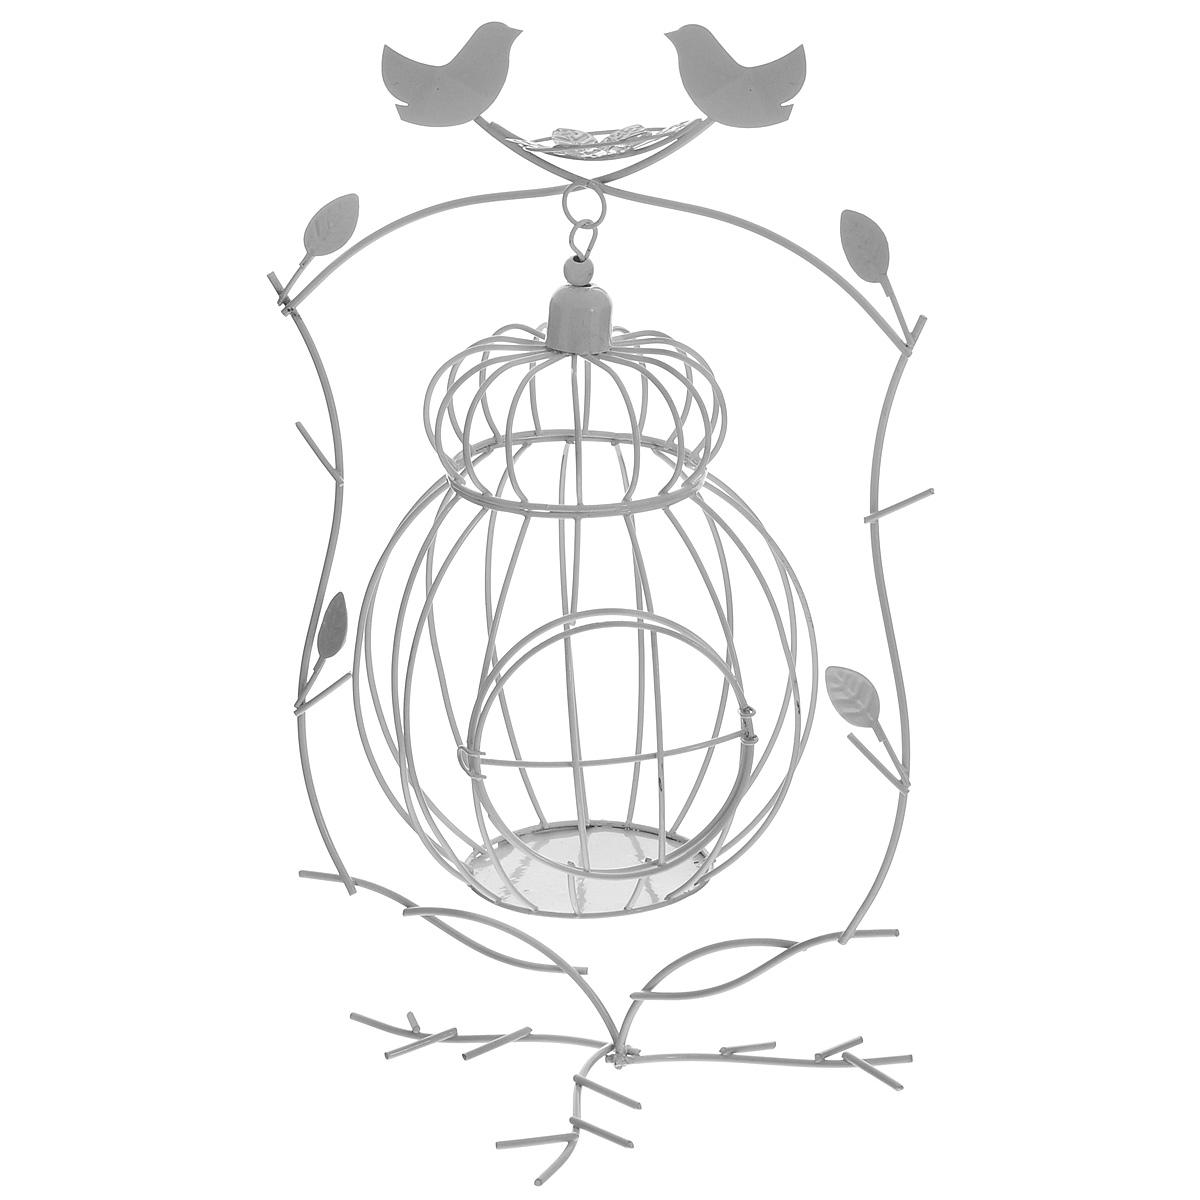 Клетка декоративная ScrapBerrys на подставке, цвет: белый, 14 х 23 х 31 смSCB271042Декоративная клетка ScrapBerrys выполнена из высококачественного металла. Изделие украшено изящными коваными птичками с гнездом и веточками. Клетка оснащена крышкой, которая закрывается на специальный замок, а также подставкой.Такая клетка предназначена для скрапбукинга (для флористики), также она подойдет для декора интерьера дома или офиса. Кроме того - это отличный вариант подарка для ваших близких и друзей. Размер изделия: 14 см х 23 см х 31 см. Диаметр клетки: 14 см. Диаметр дна: 8 см.